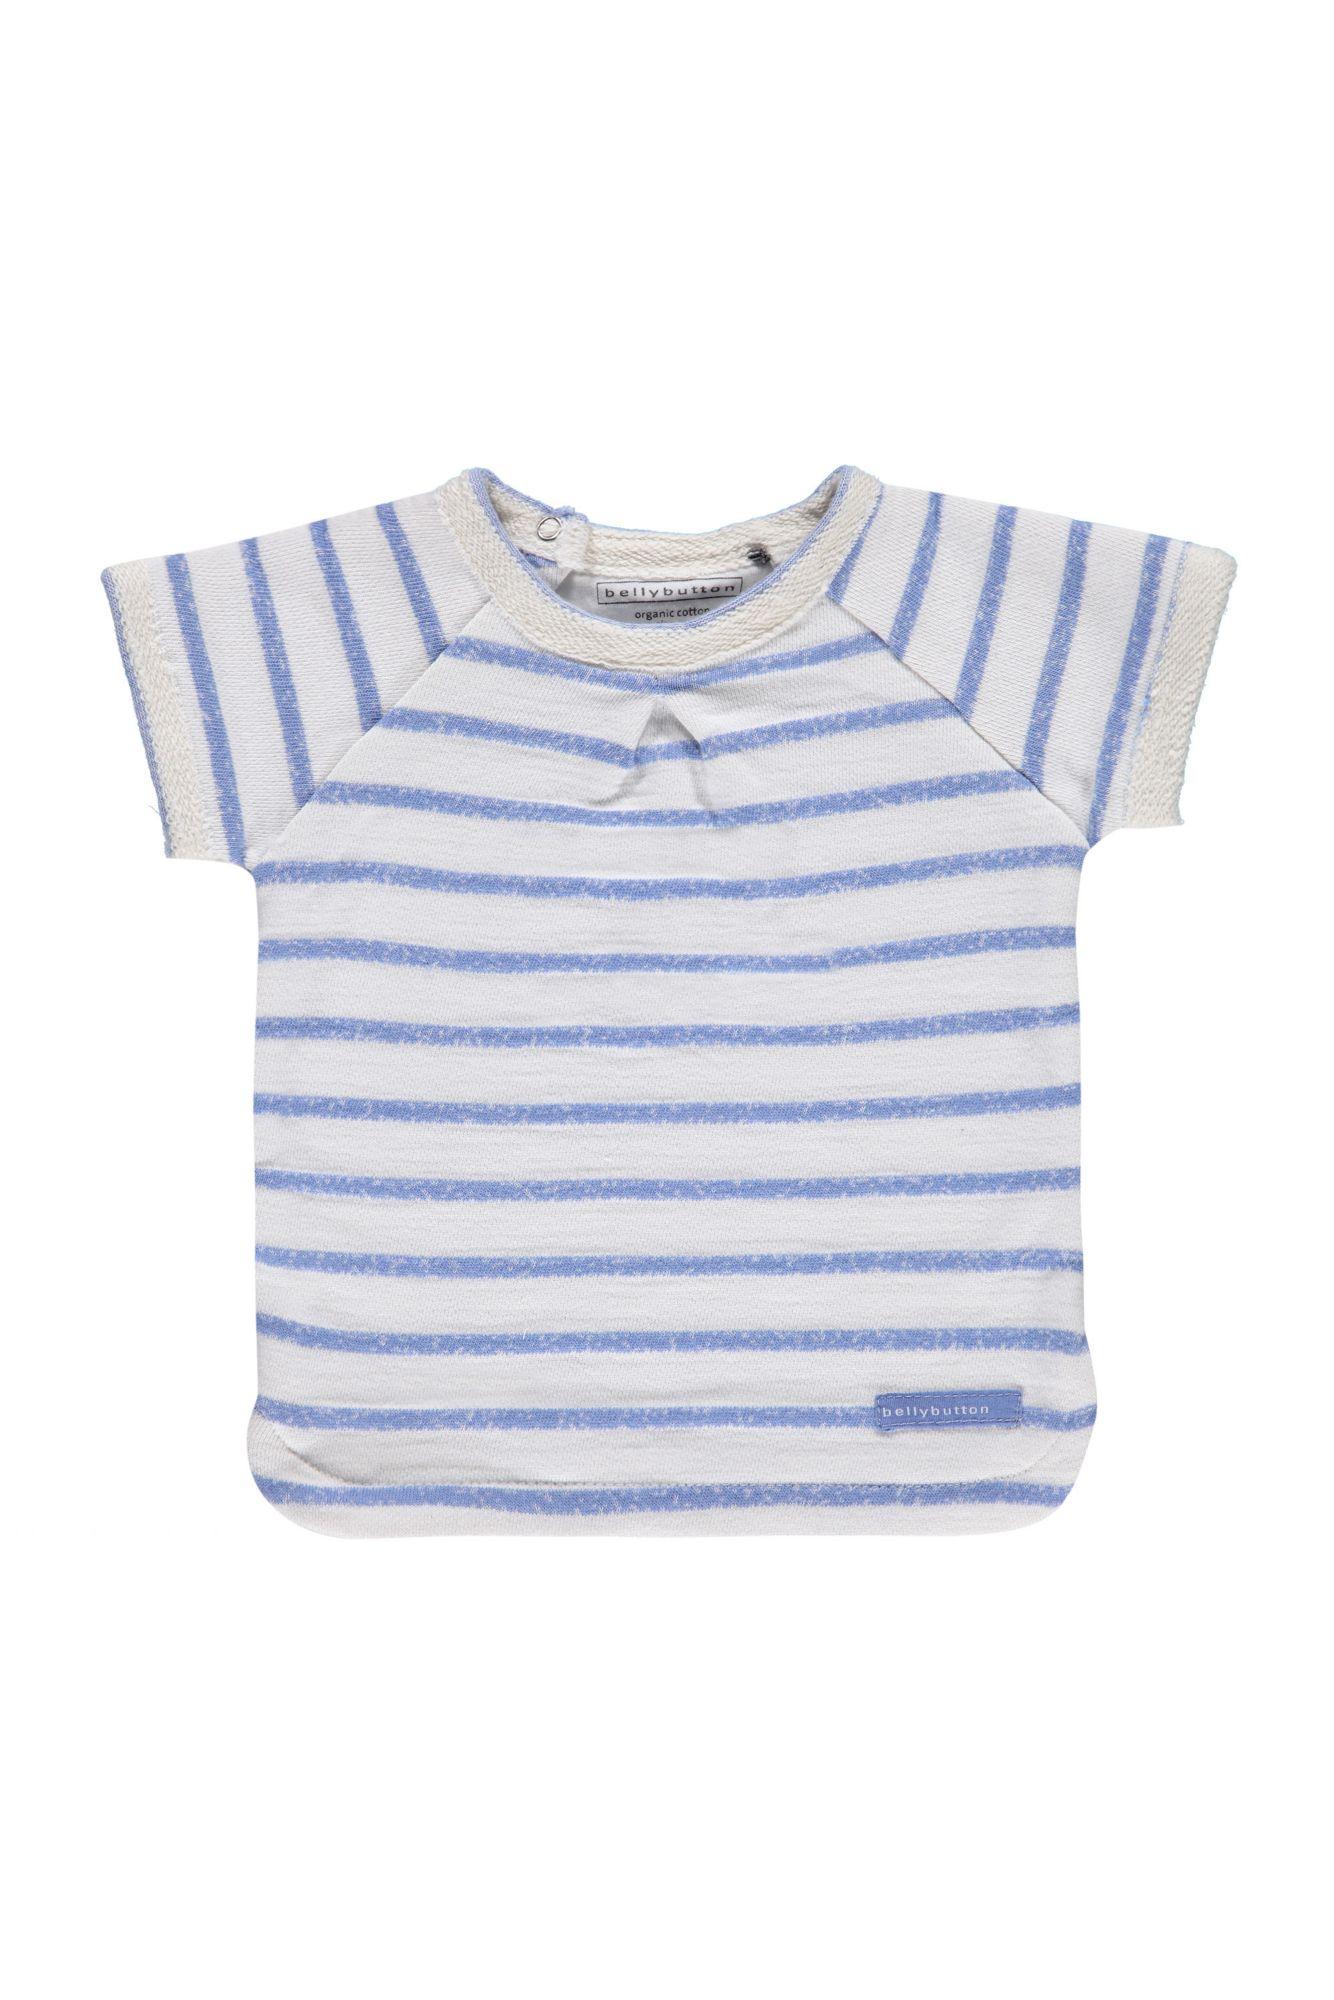 BELLYBUTTON  Baby Big-Shirt mit Kellerfalte vorn, gestreift